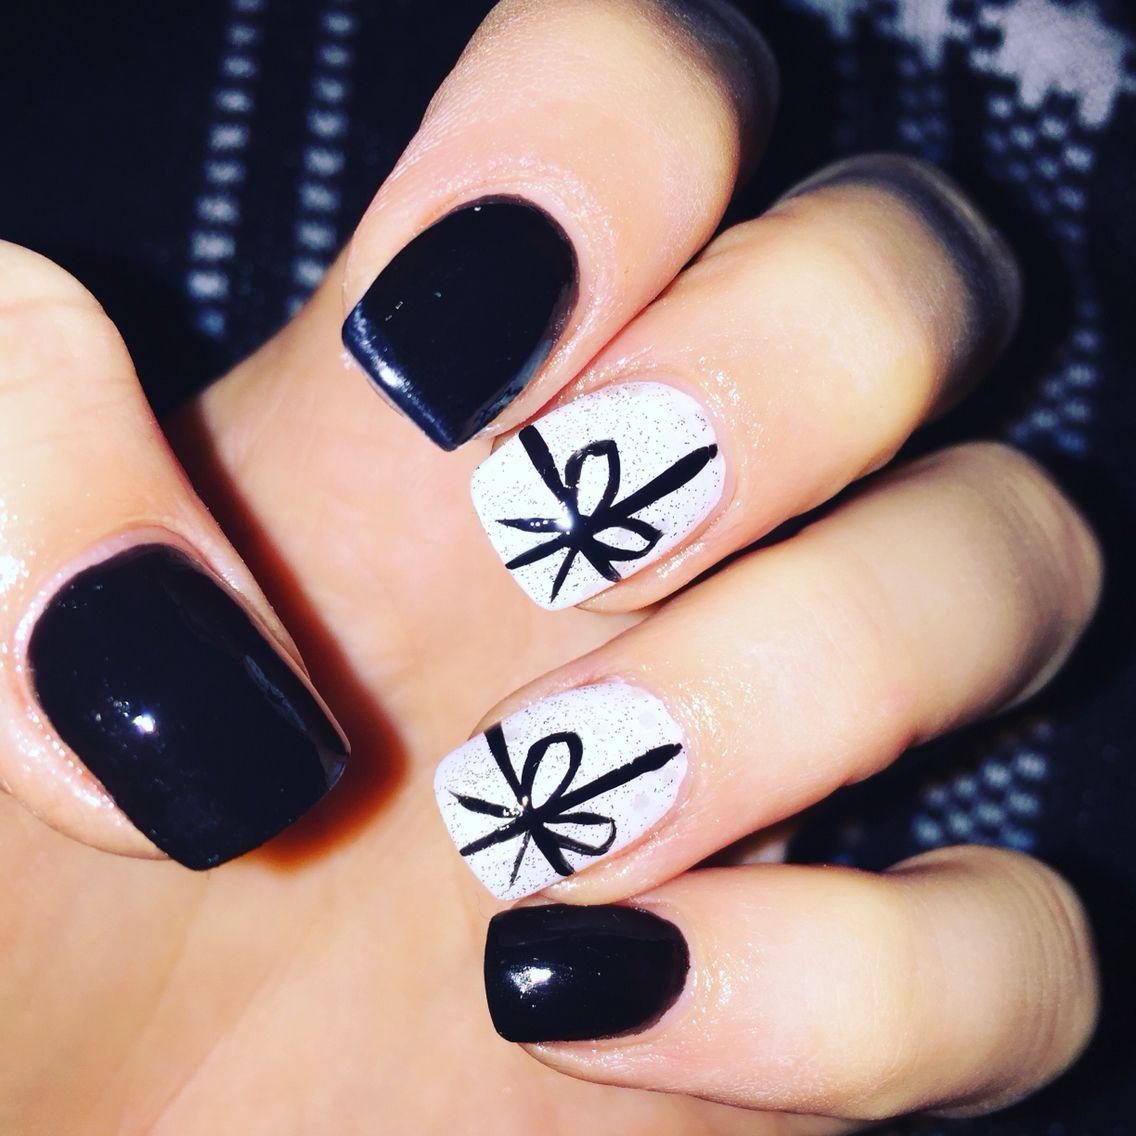 Black and white ribbons bows xmas nails nail art nail design